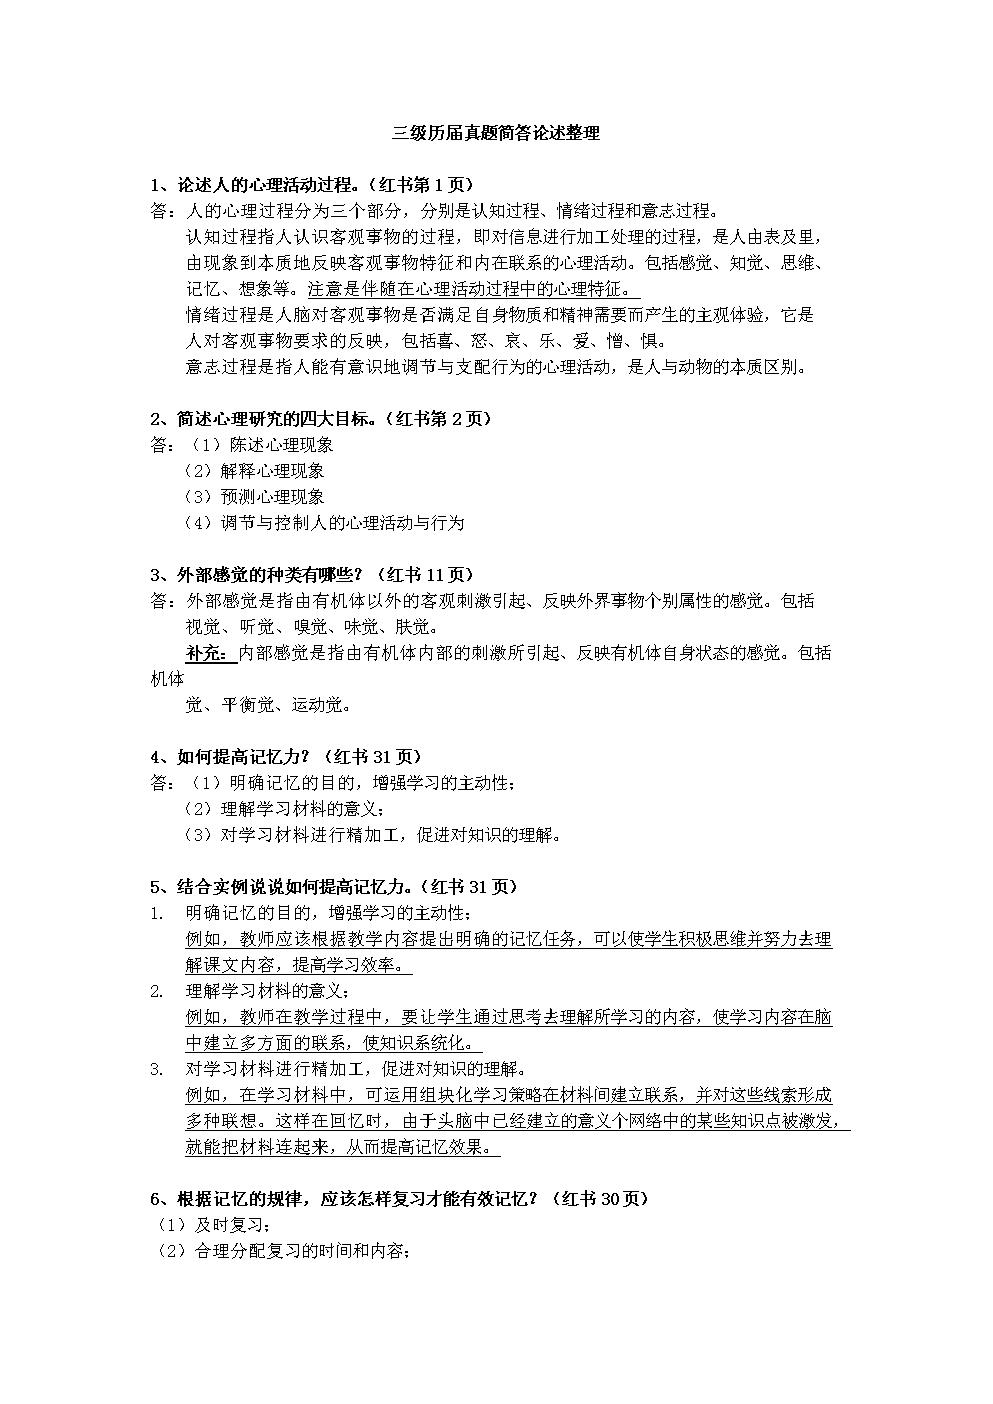 历届心理咨询师三级简答论述题真题整理2014.12版.doc